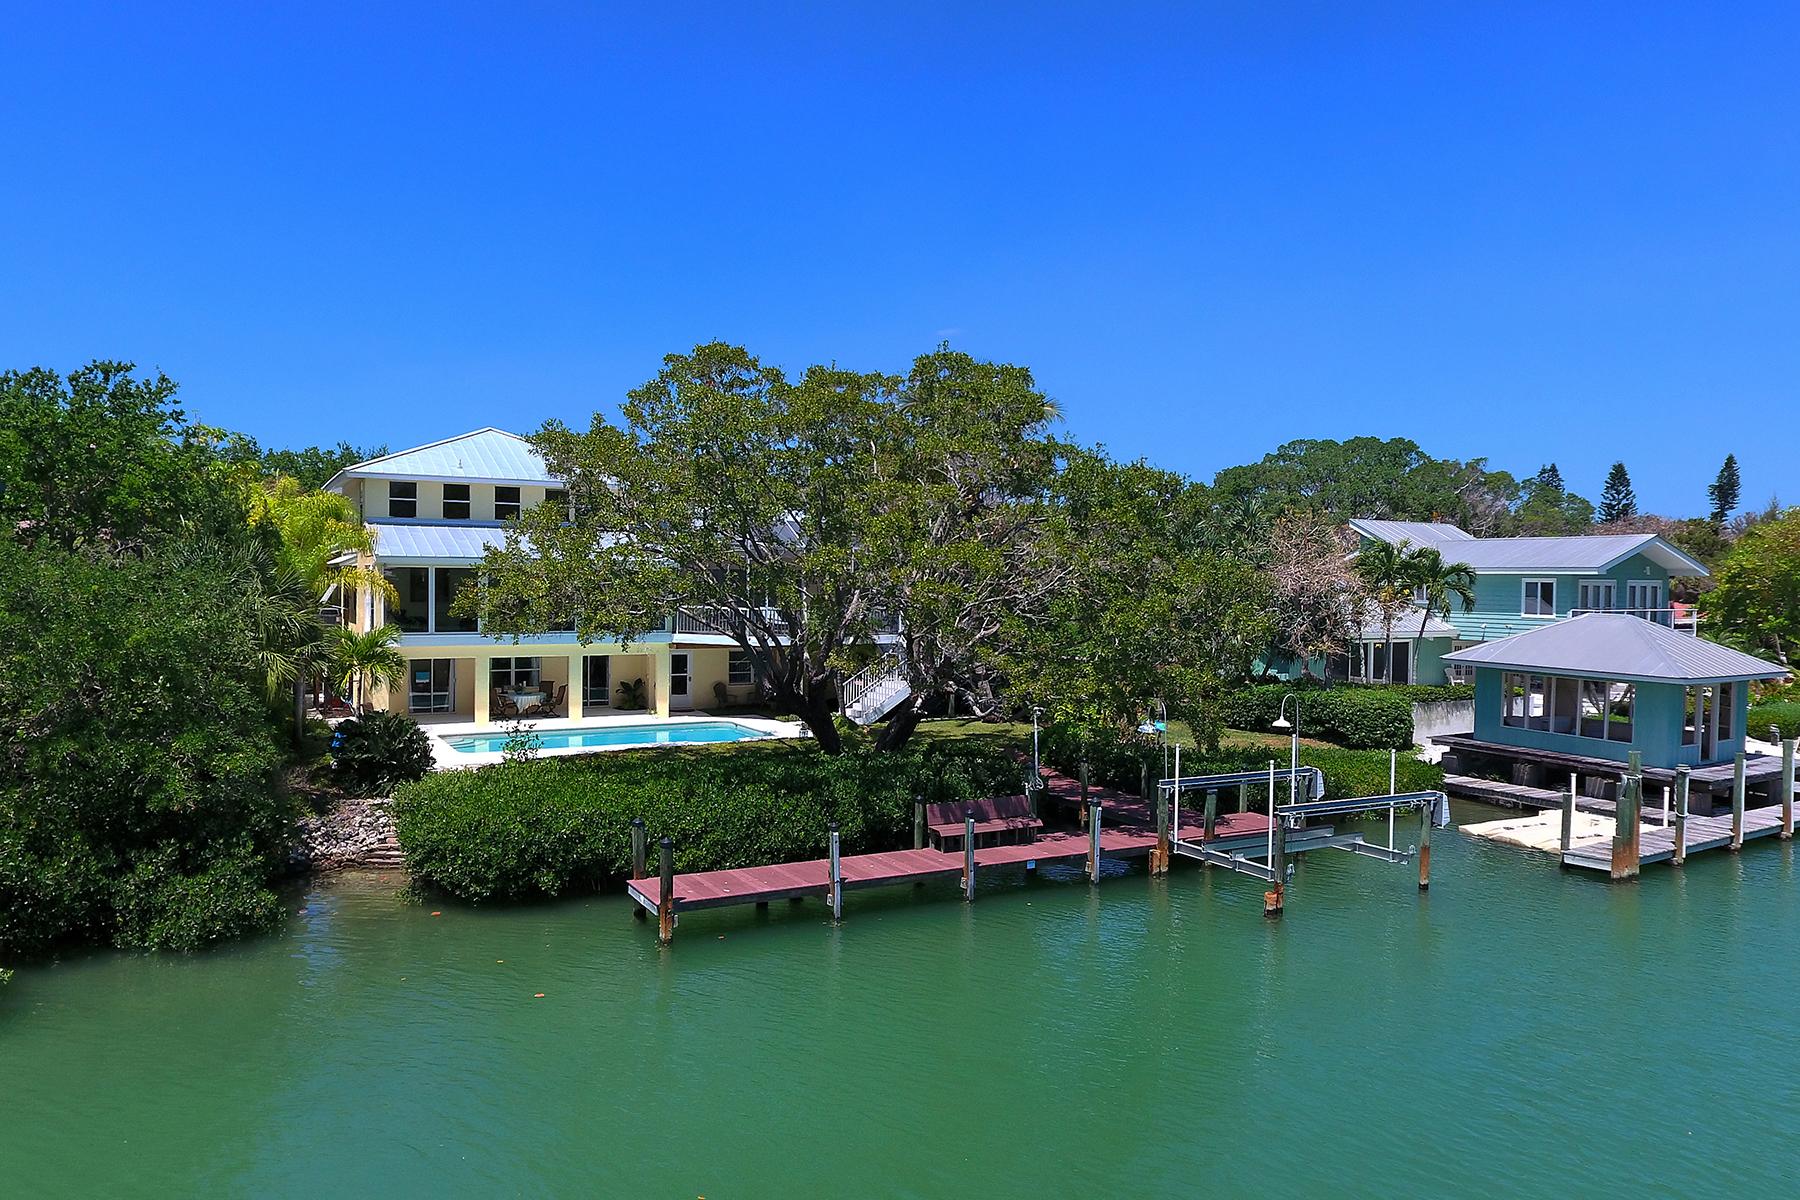 独户住宅 为 销售 在 SIESTA KEY 3969 Roberts Point Rd 萨拉索塔, 佛罗里达州, 34242 美国